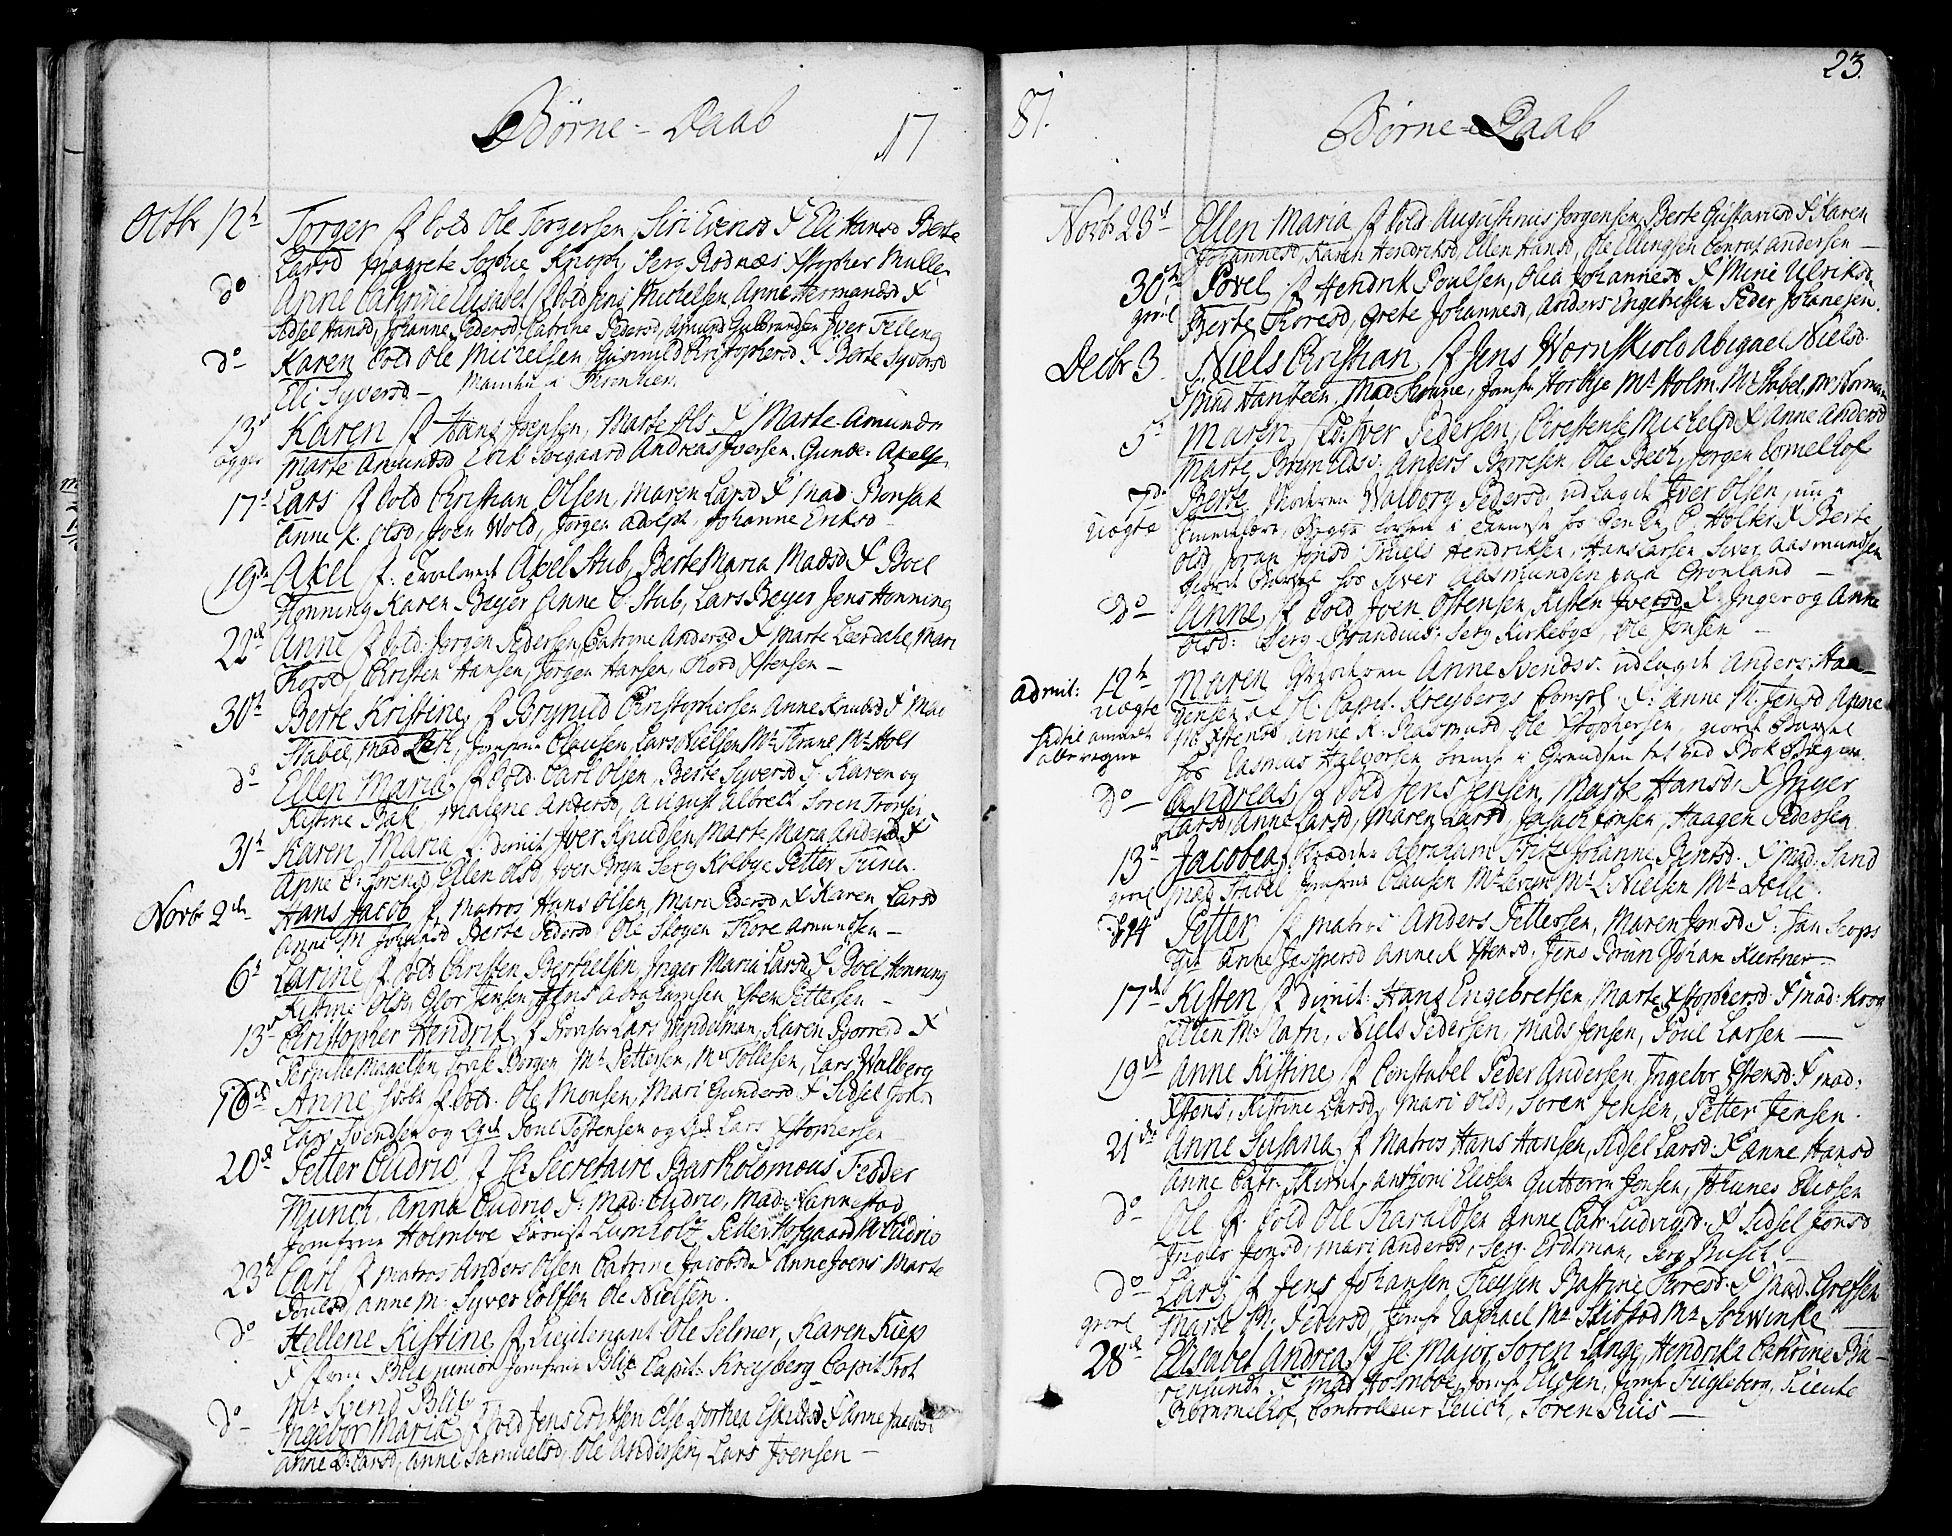 SAO, Garnisonsmenigheten Kirkebøker, F/Fa/L0003: Ministerialbok nr. 3, 1777-1809, s. 23